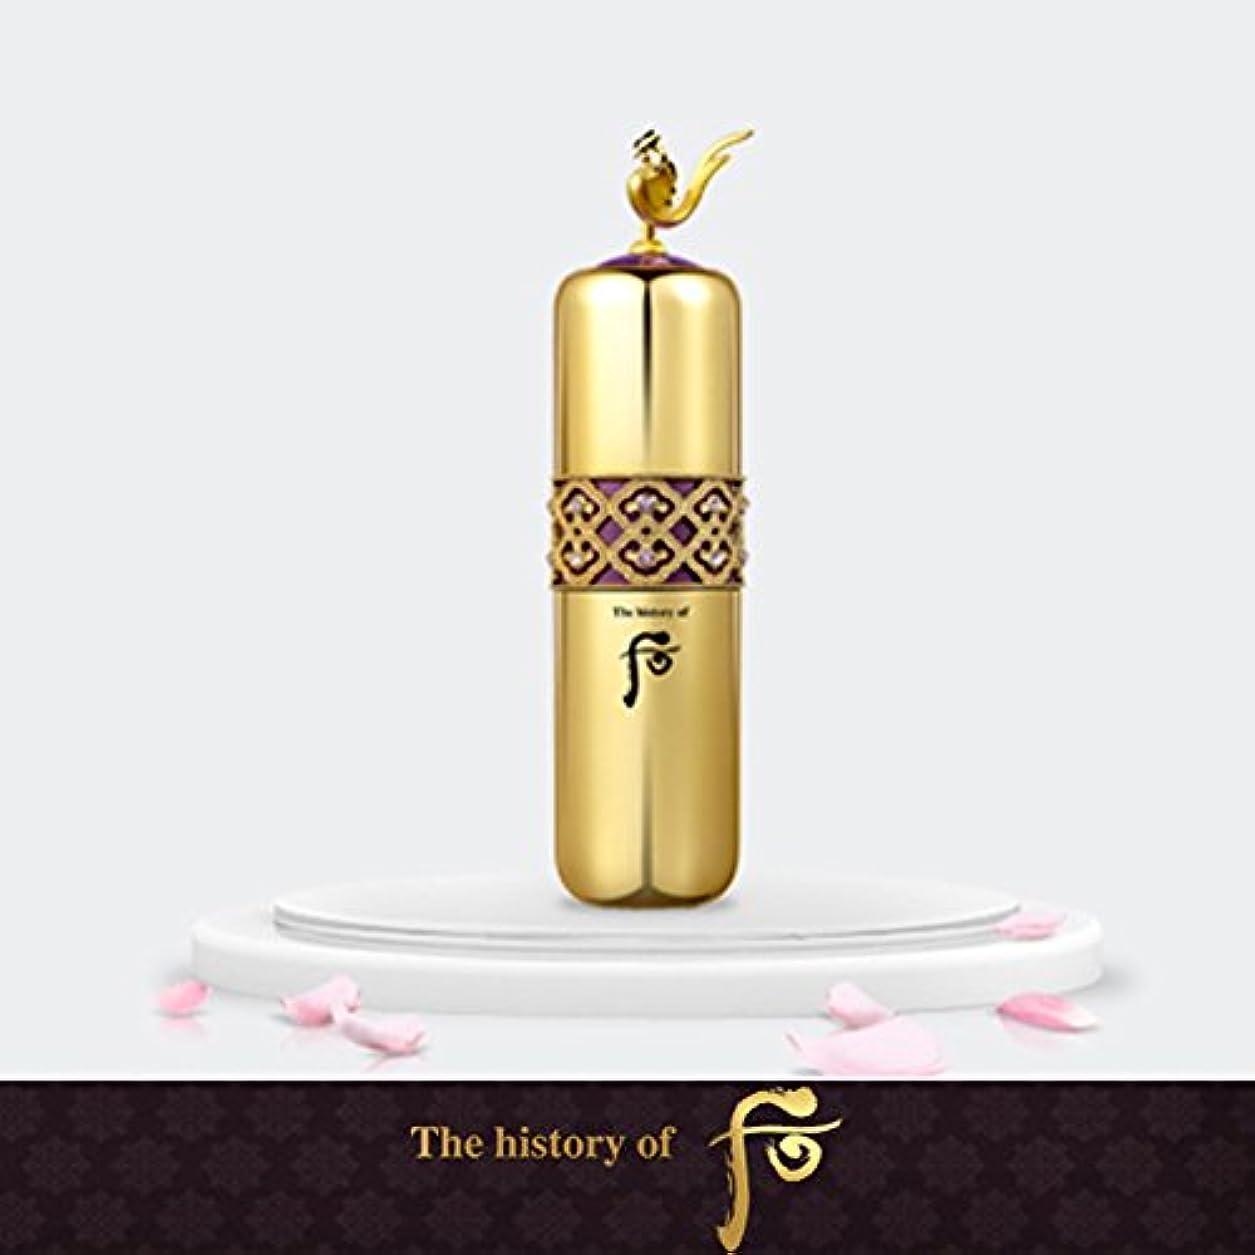 汚すバンジョーの慈悲で【フー/The history of whoo] Whoo后 Hwanyu Signature Ampoule/后(フー)よりヒストリー?オブ?後環留保額アンプル40ml+[Sample Gift](海外直送品)